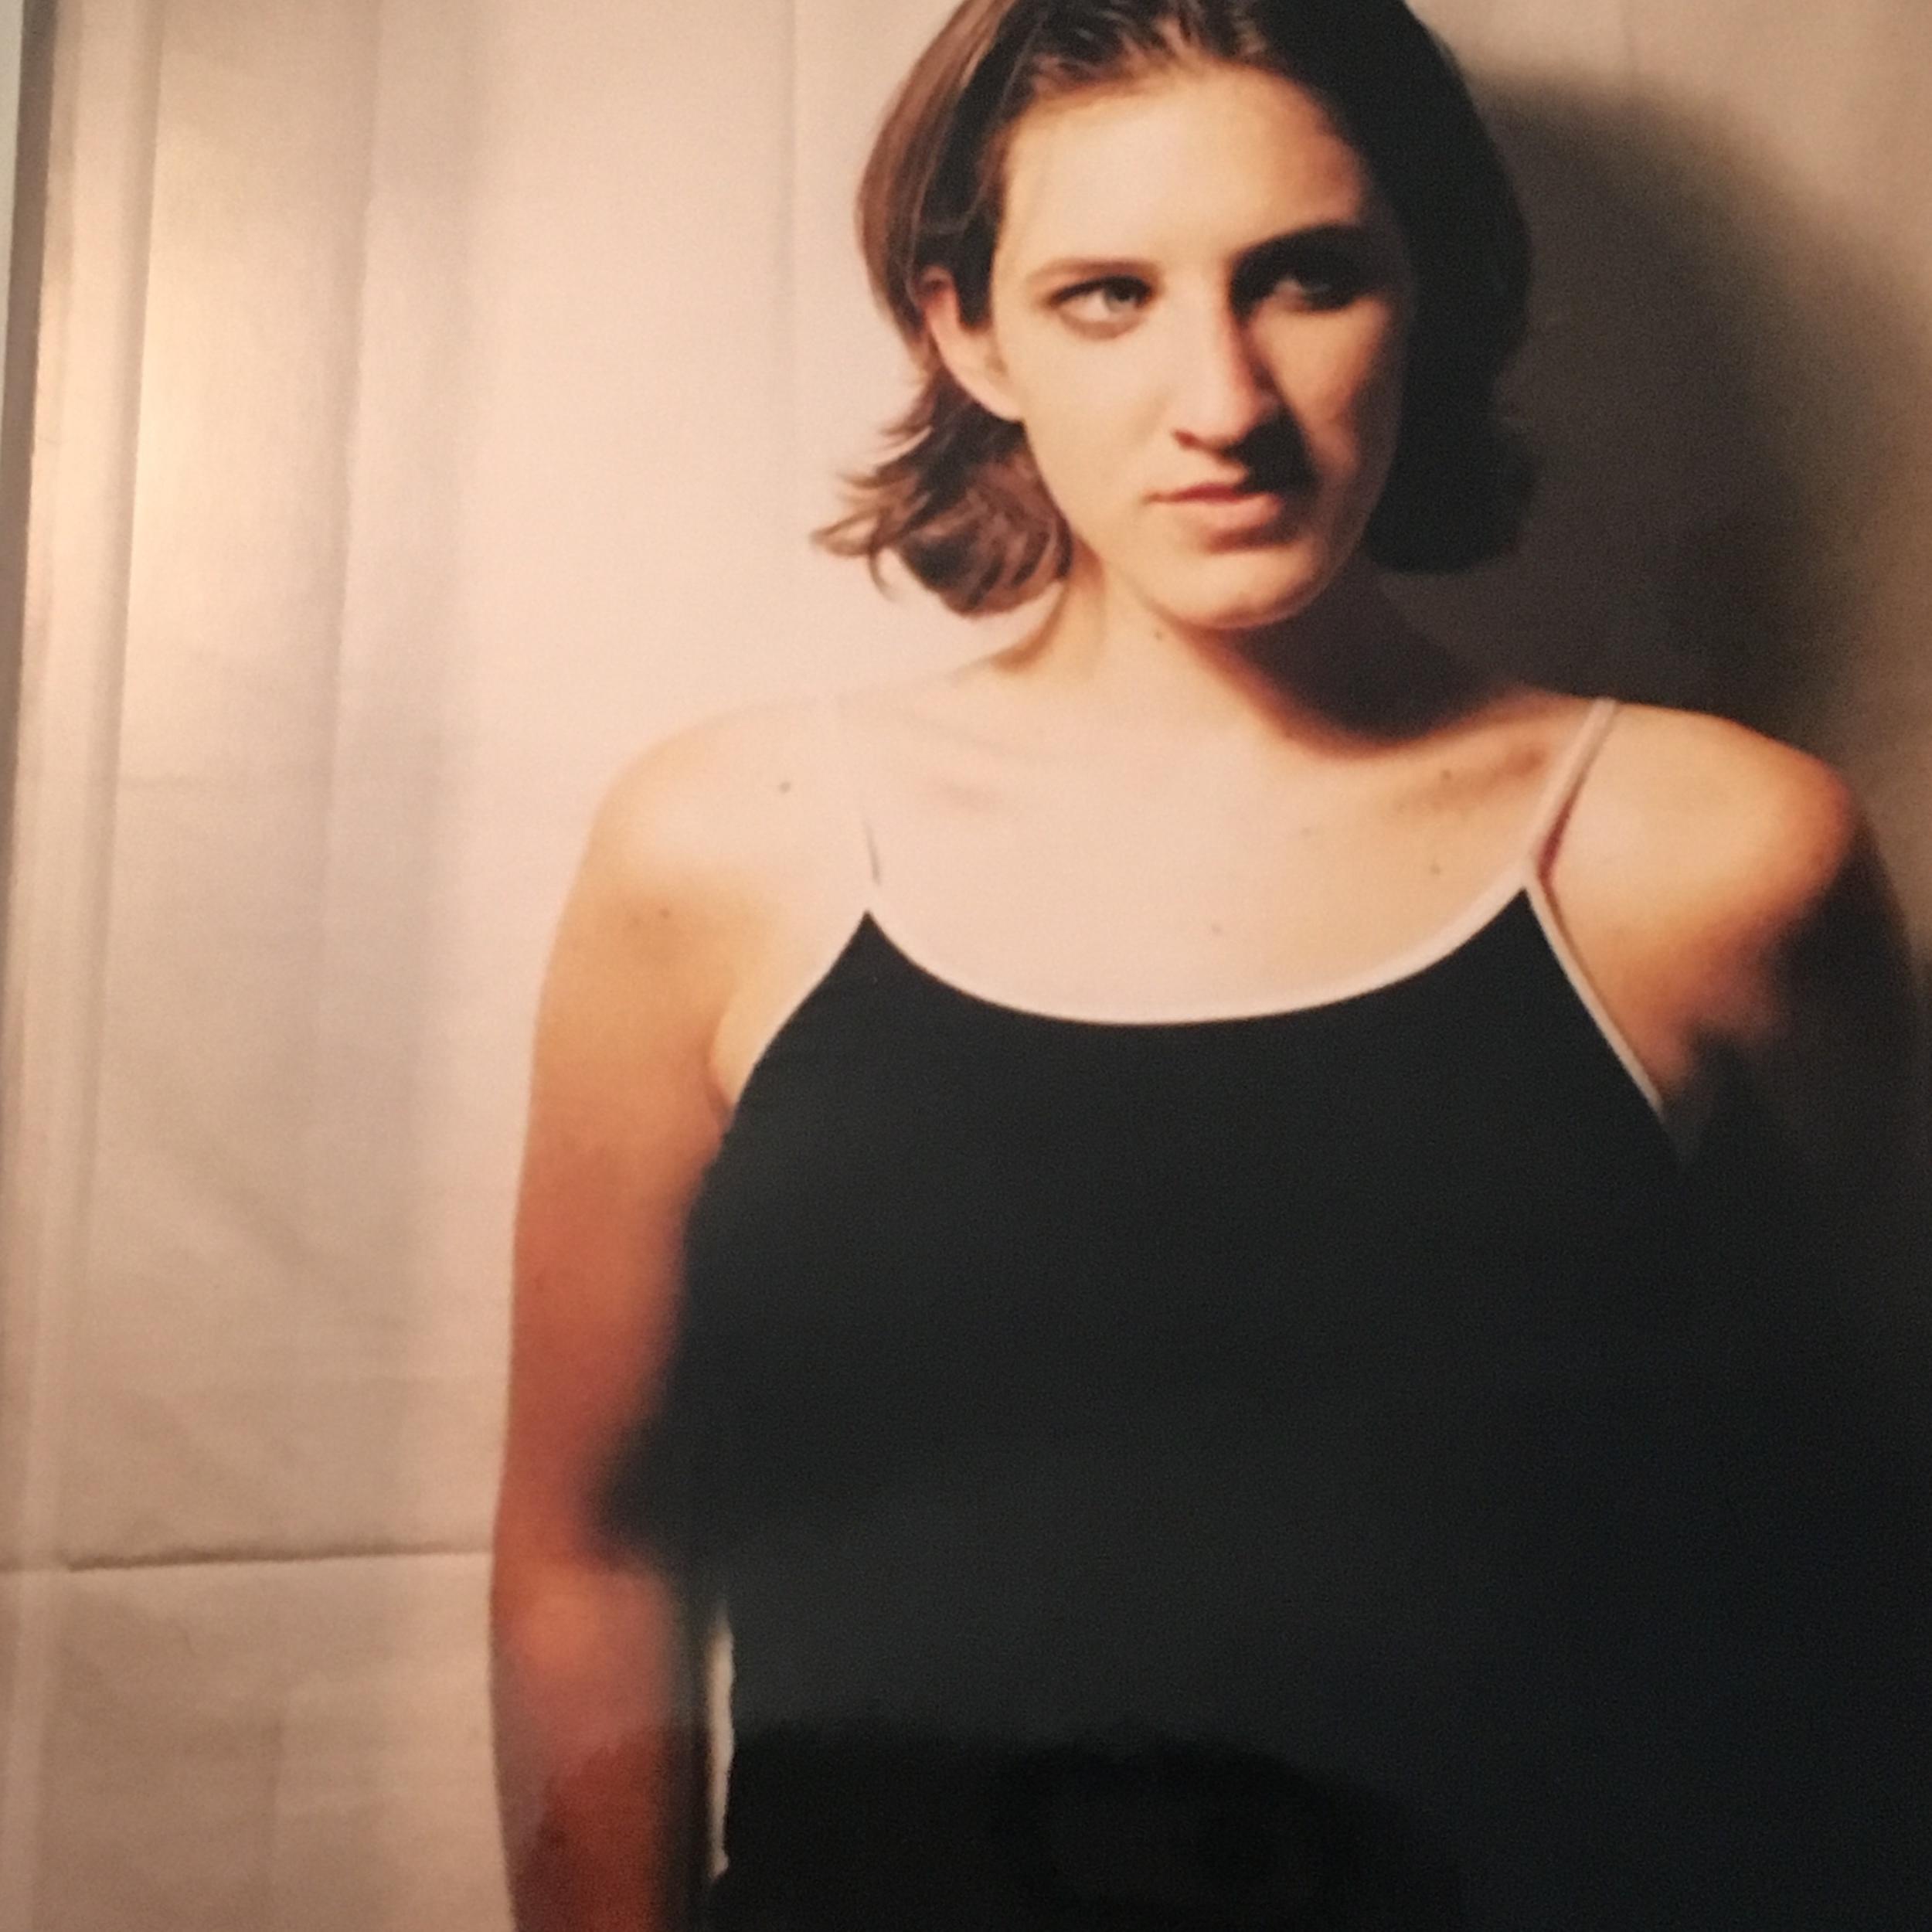 Me circa 1998.